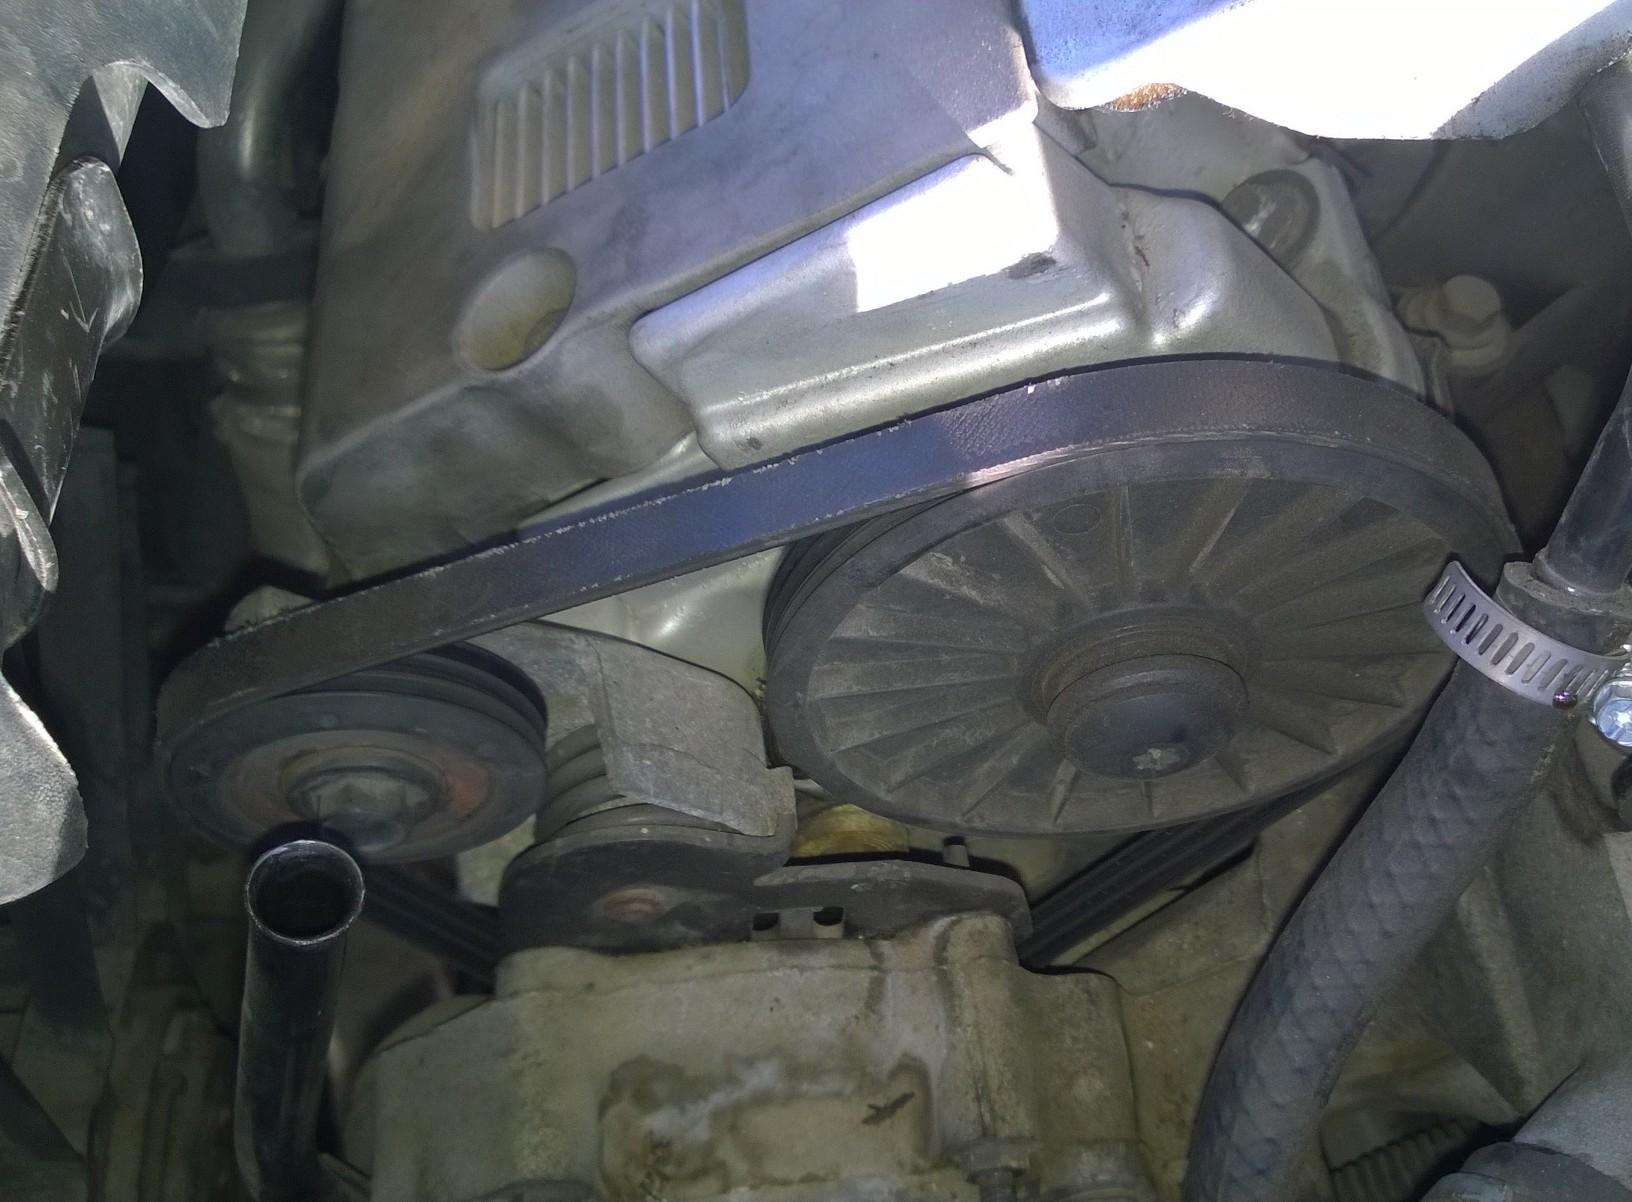 Chrysler M furthermore Pump Belt likewise Handa moreover Deville And Seville also C F D. on cadillac deville belt tensioner